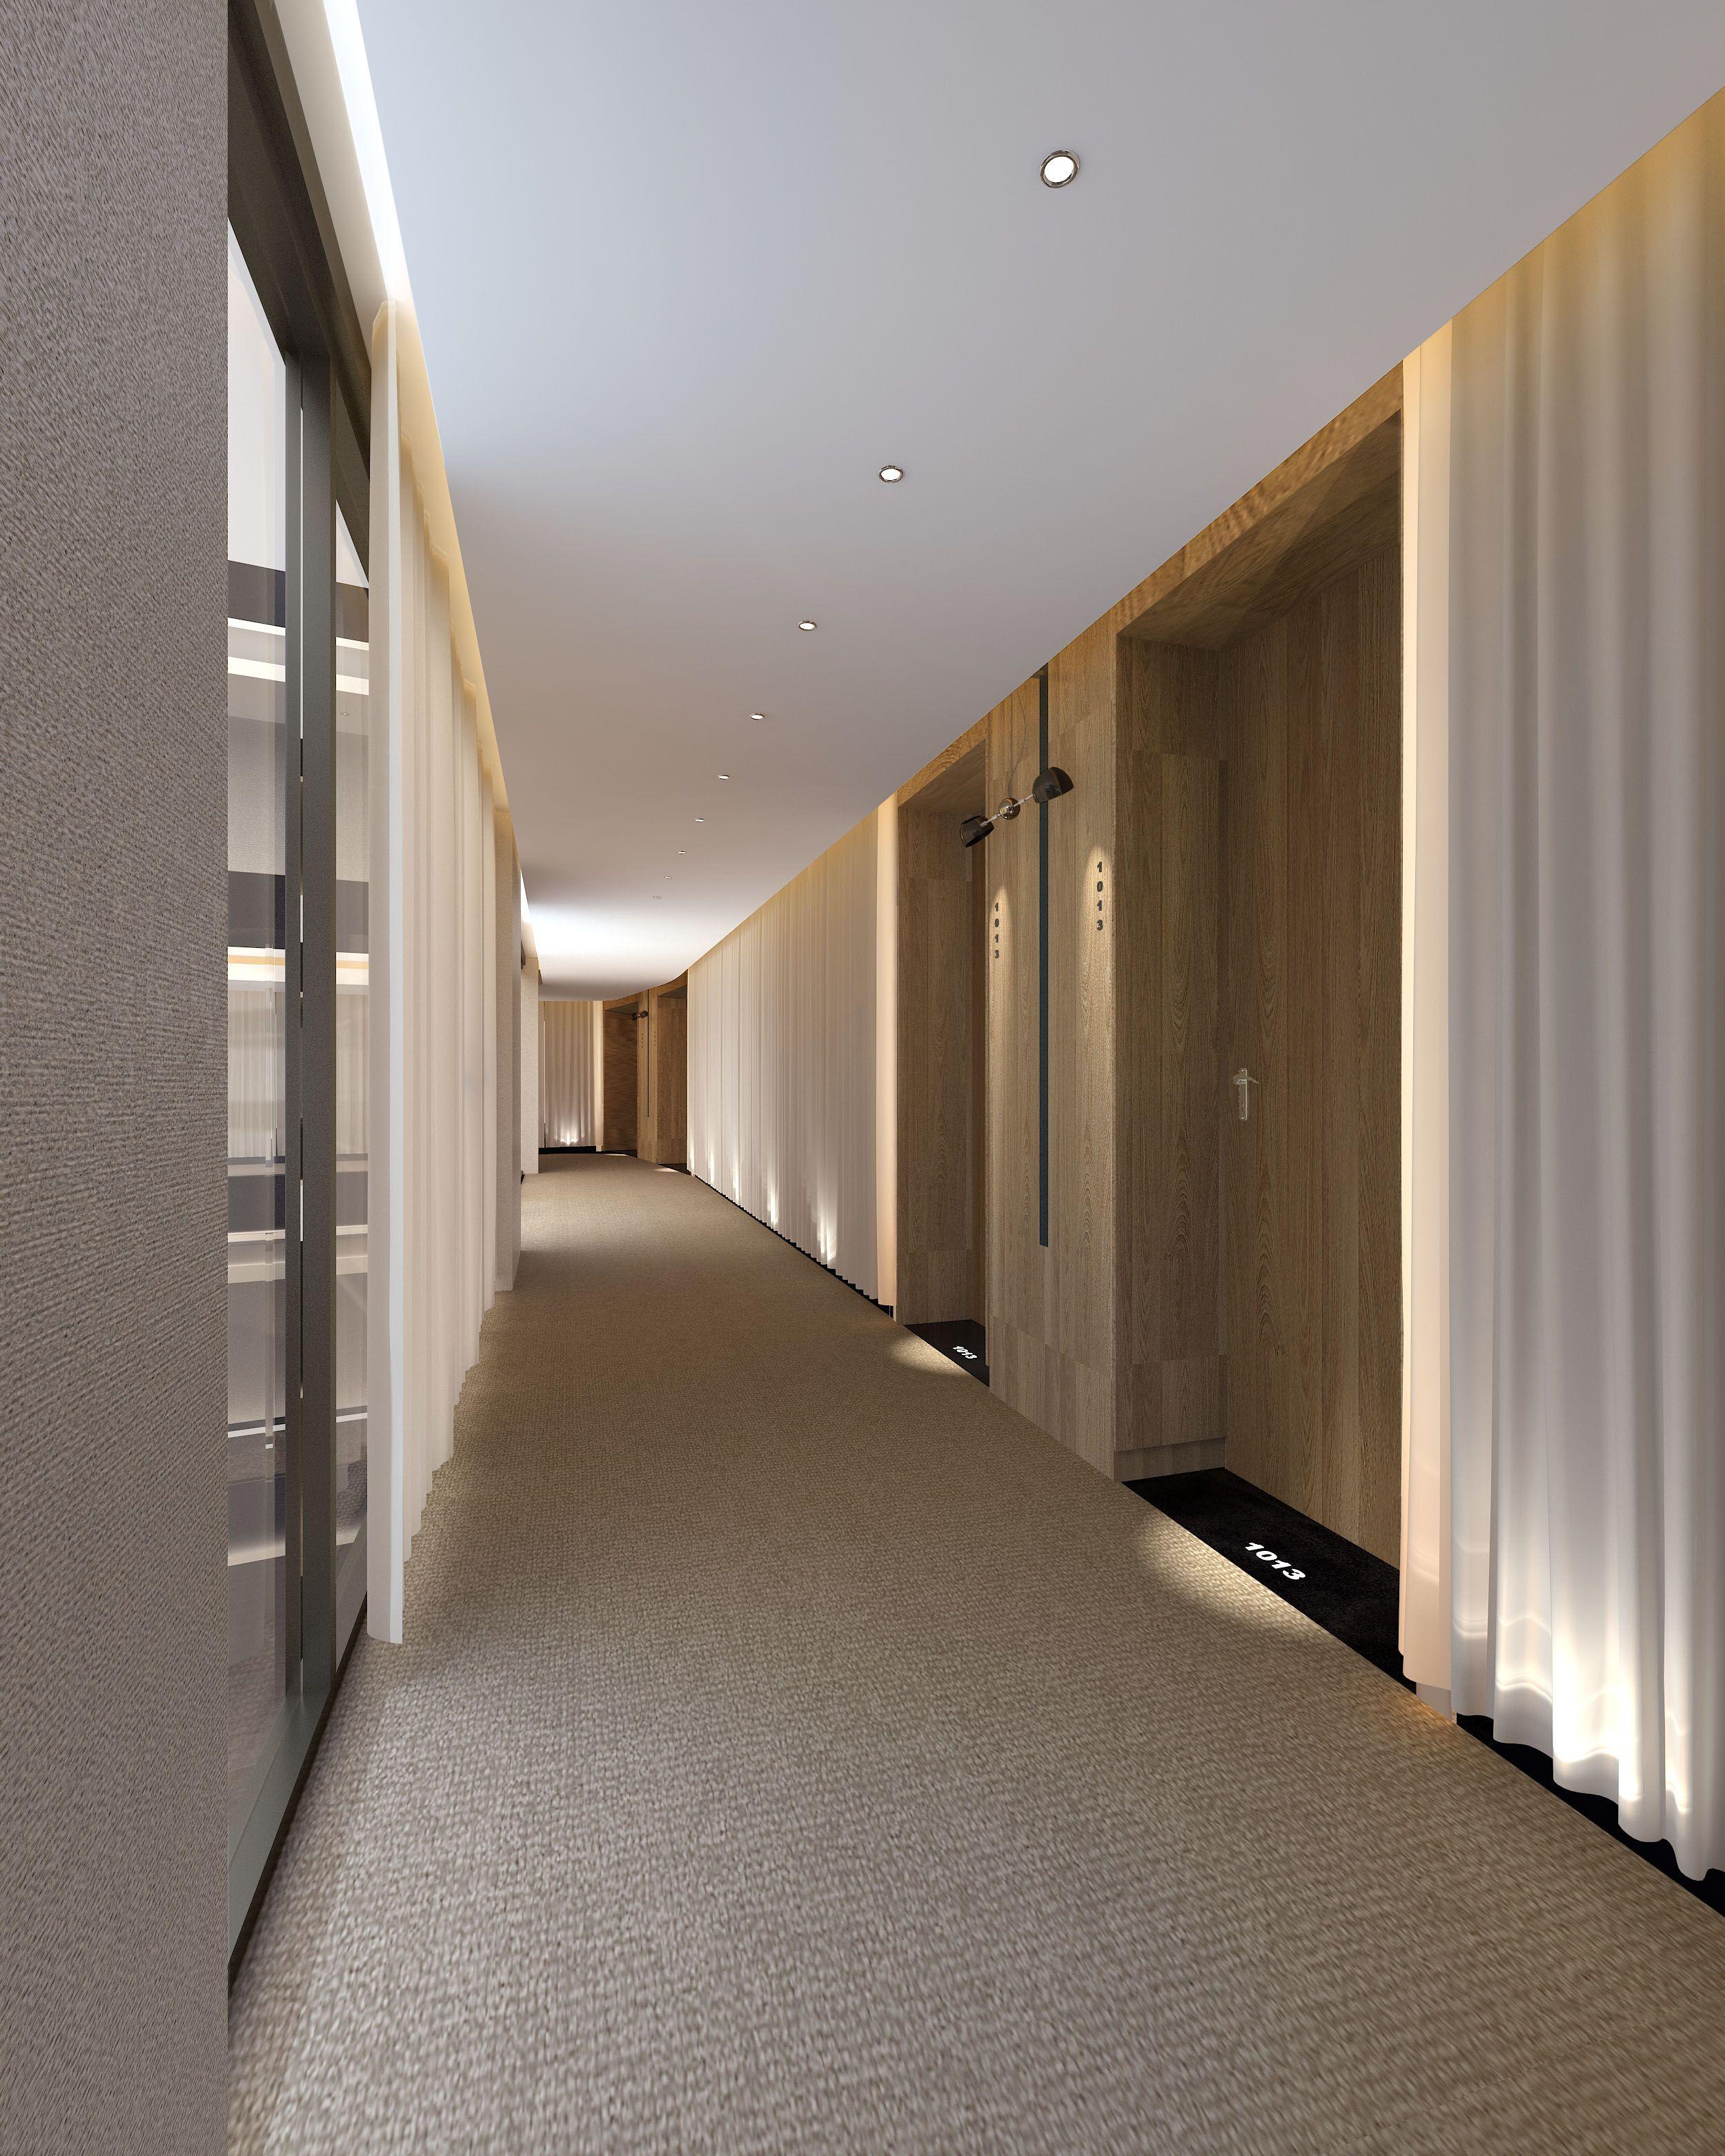 Hele spoon klaasseinad tekstiil ja kipsiga elegantselt for Hotel corridor decor